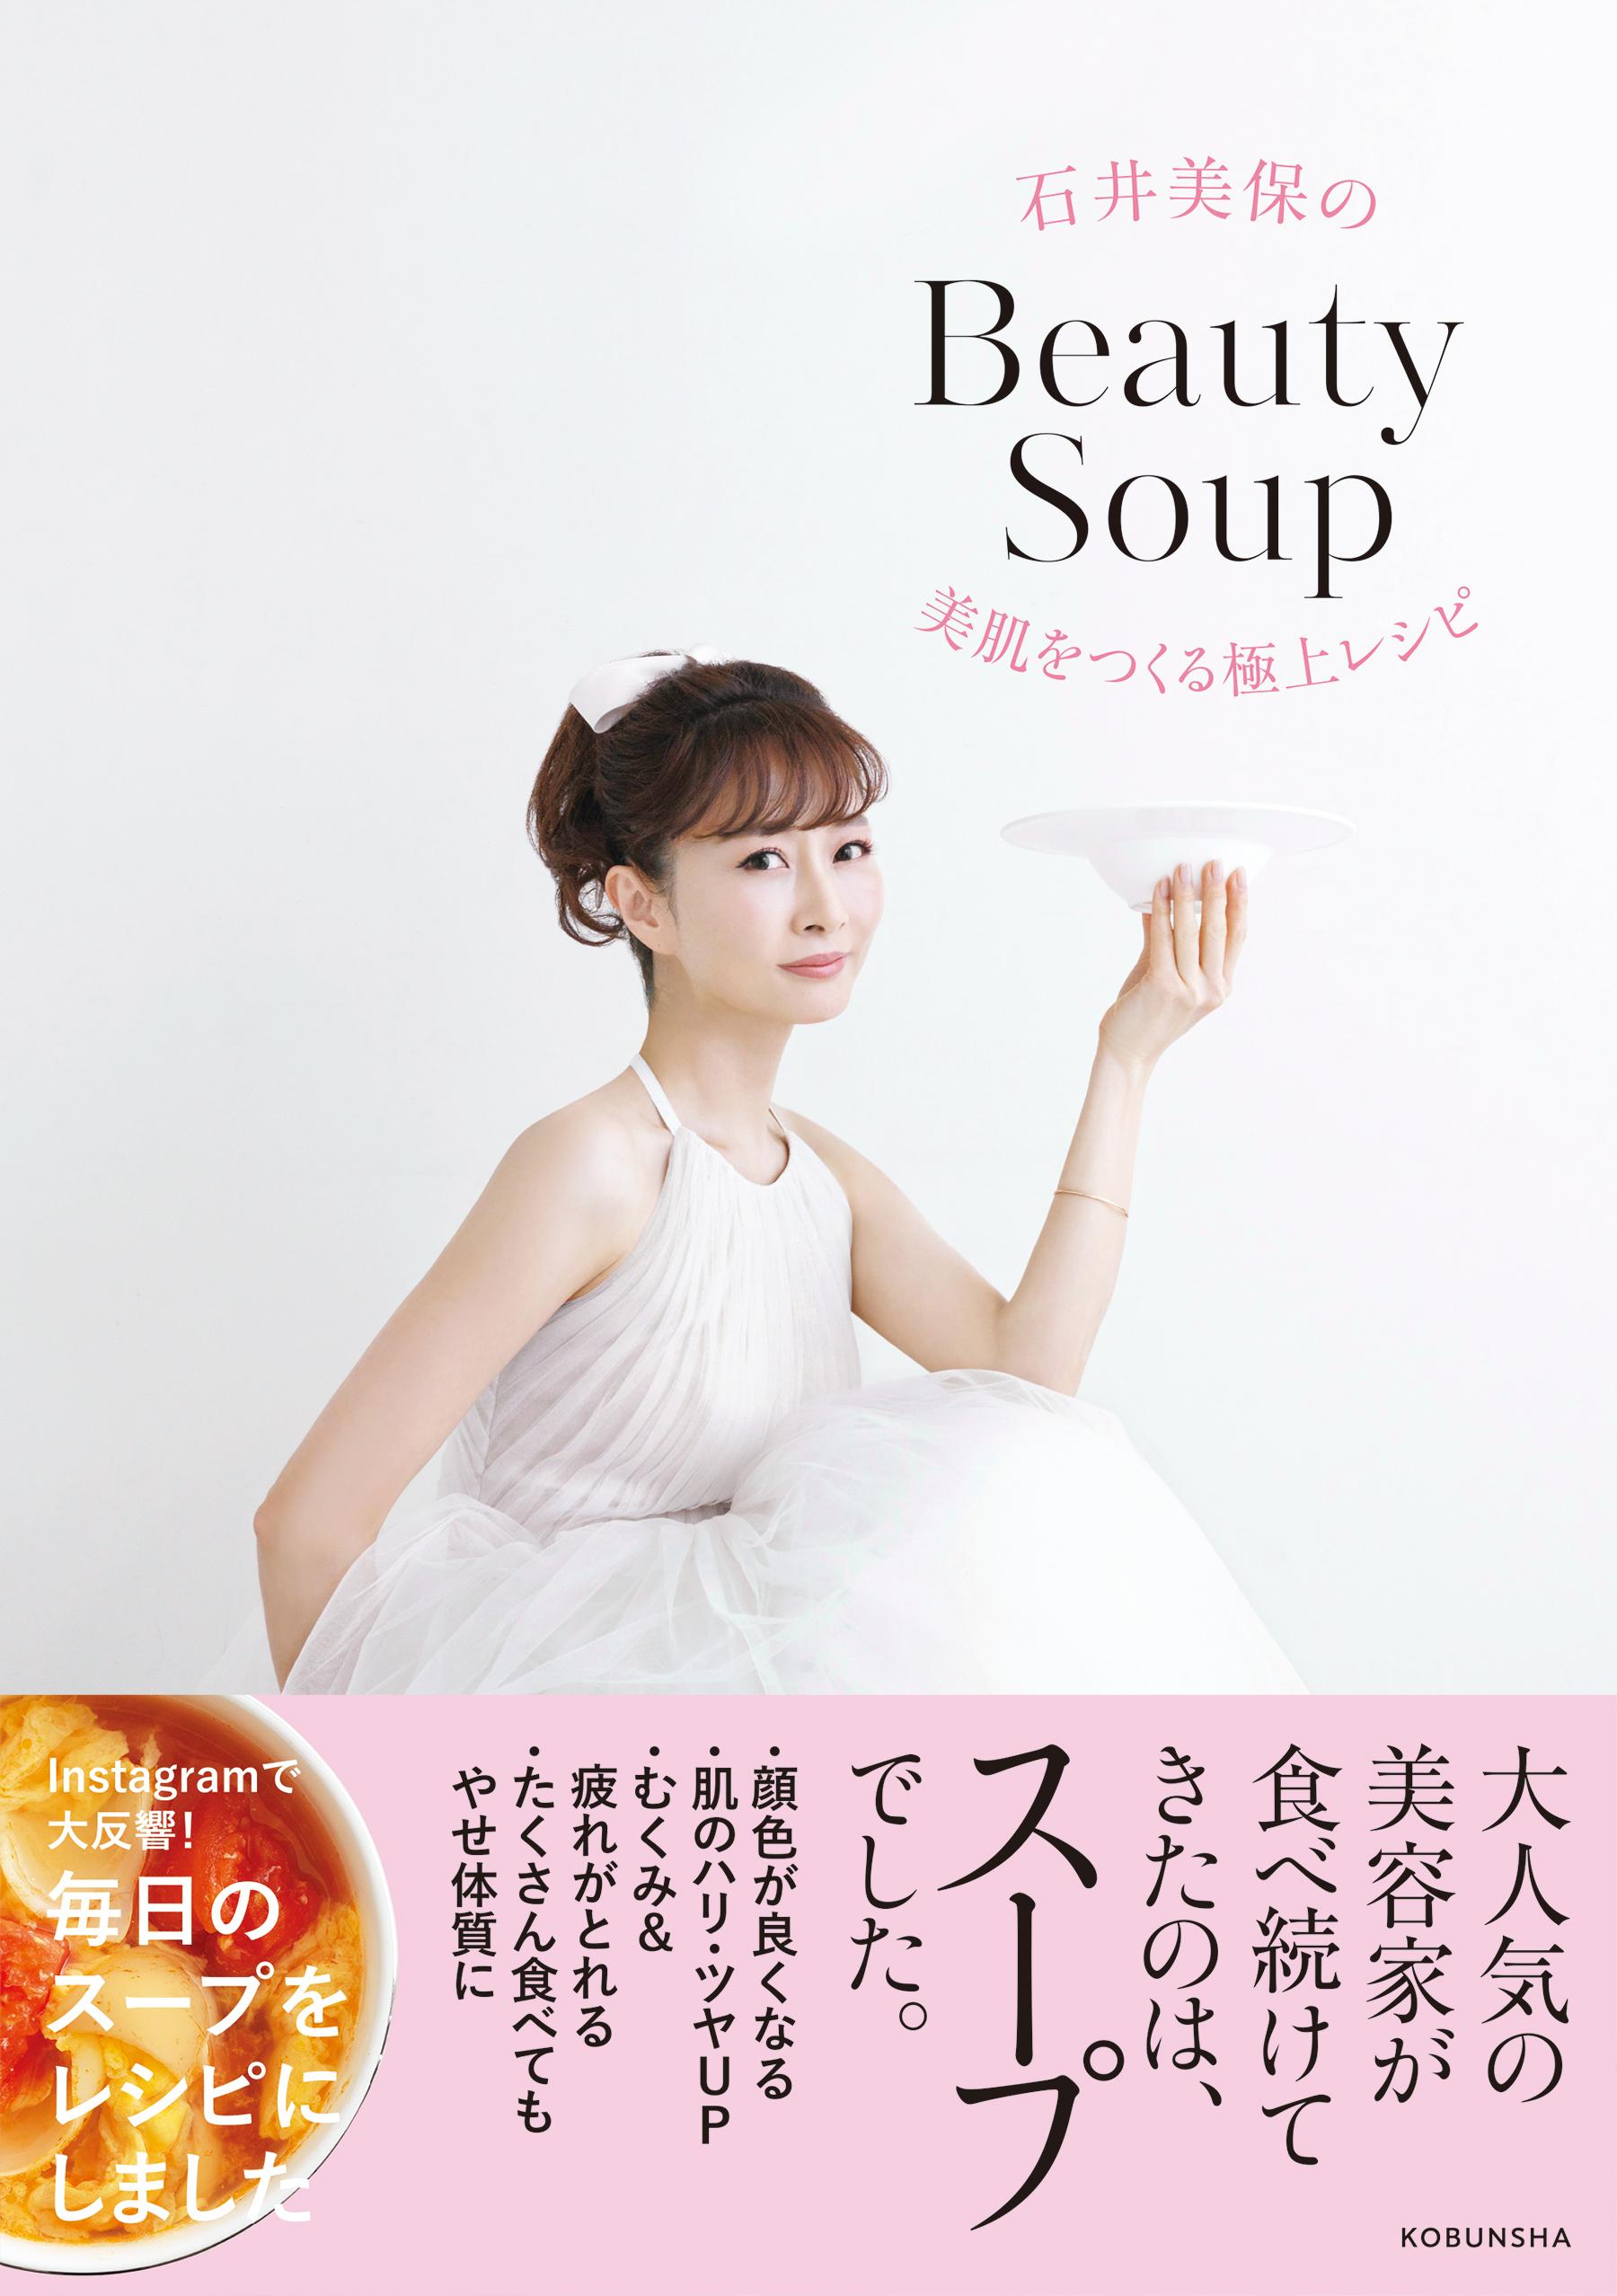 石井美保のBeauty Soup